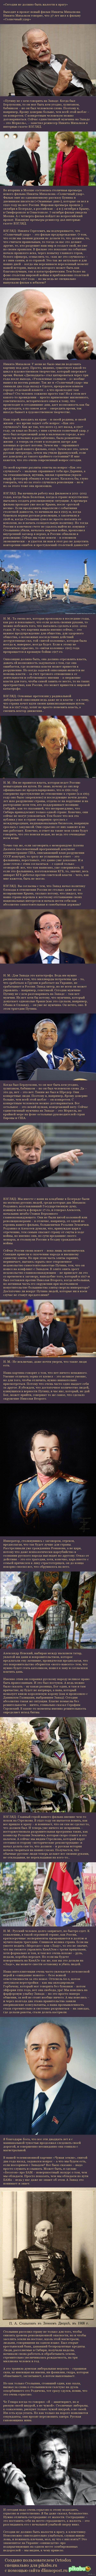 Сегодня не должно быть жалости к врагу, к клеветнику. Невозможно снисходительно улыбаться, слушая явную ложь, и пожимать плечами, мол, ну что с них взять?! Это знаменитое на Украине «онижедети» про подпрыгивающих на одном месте зомбированных недорослей – мы видим, к чему привело.  Россия, Украина, одесса, человек, Европа, либералы, Крым, длиннопост